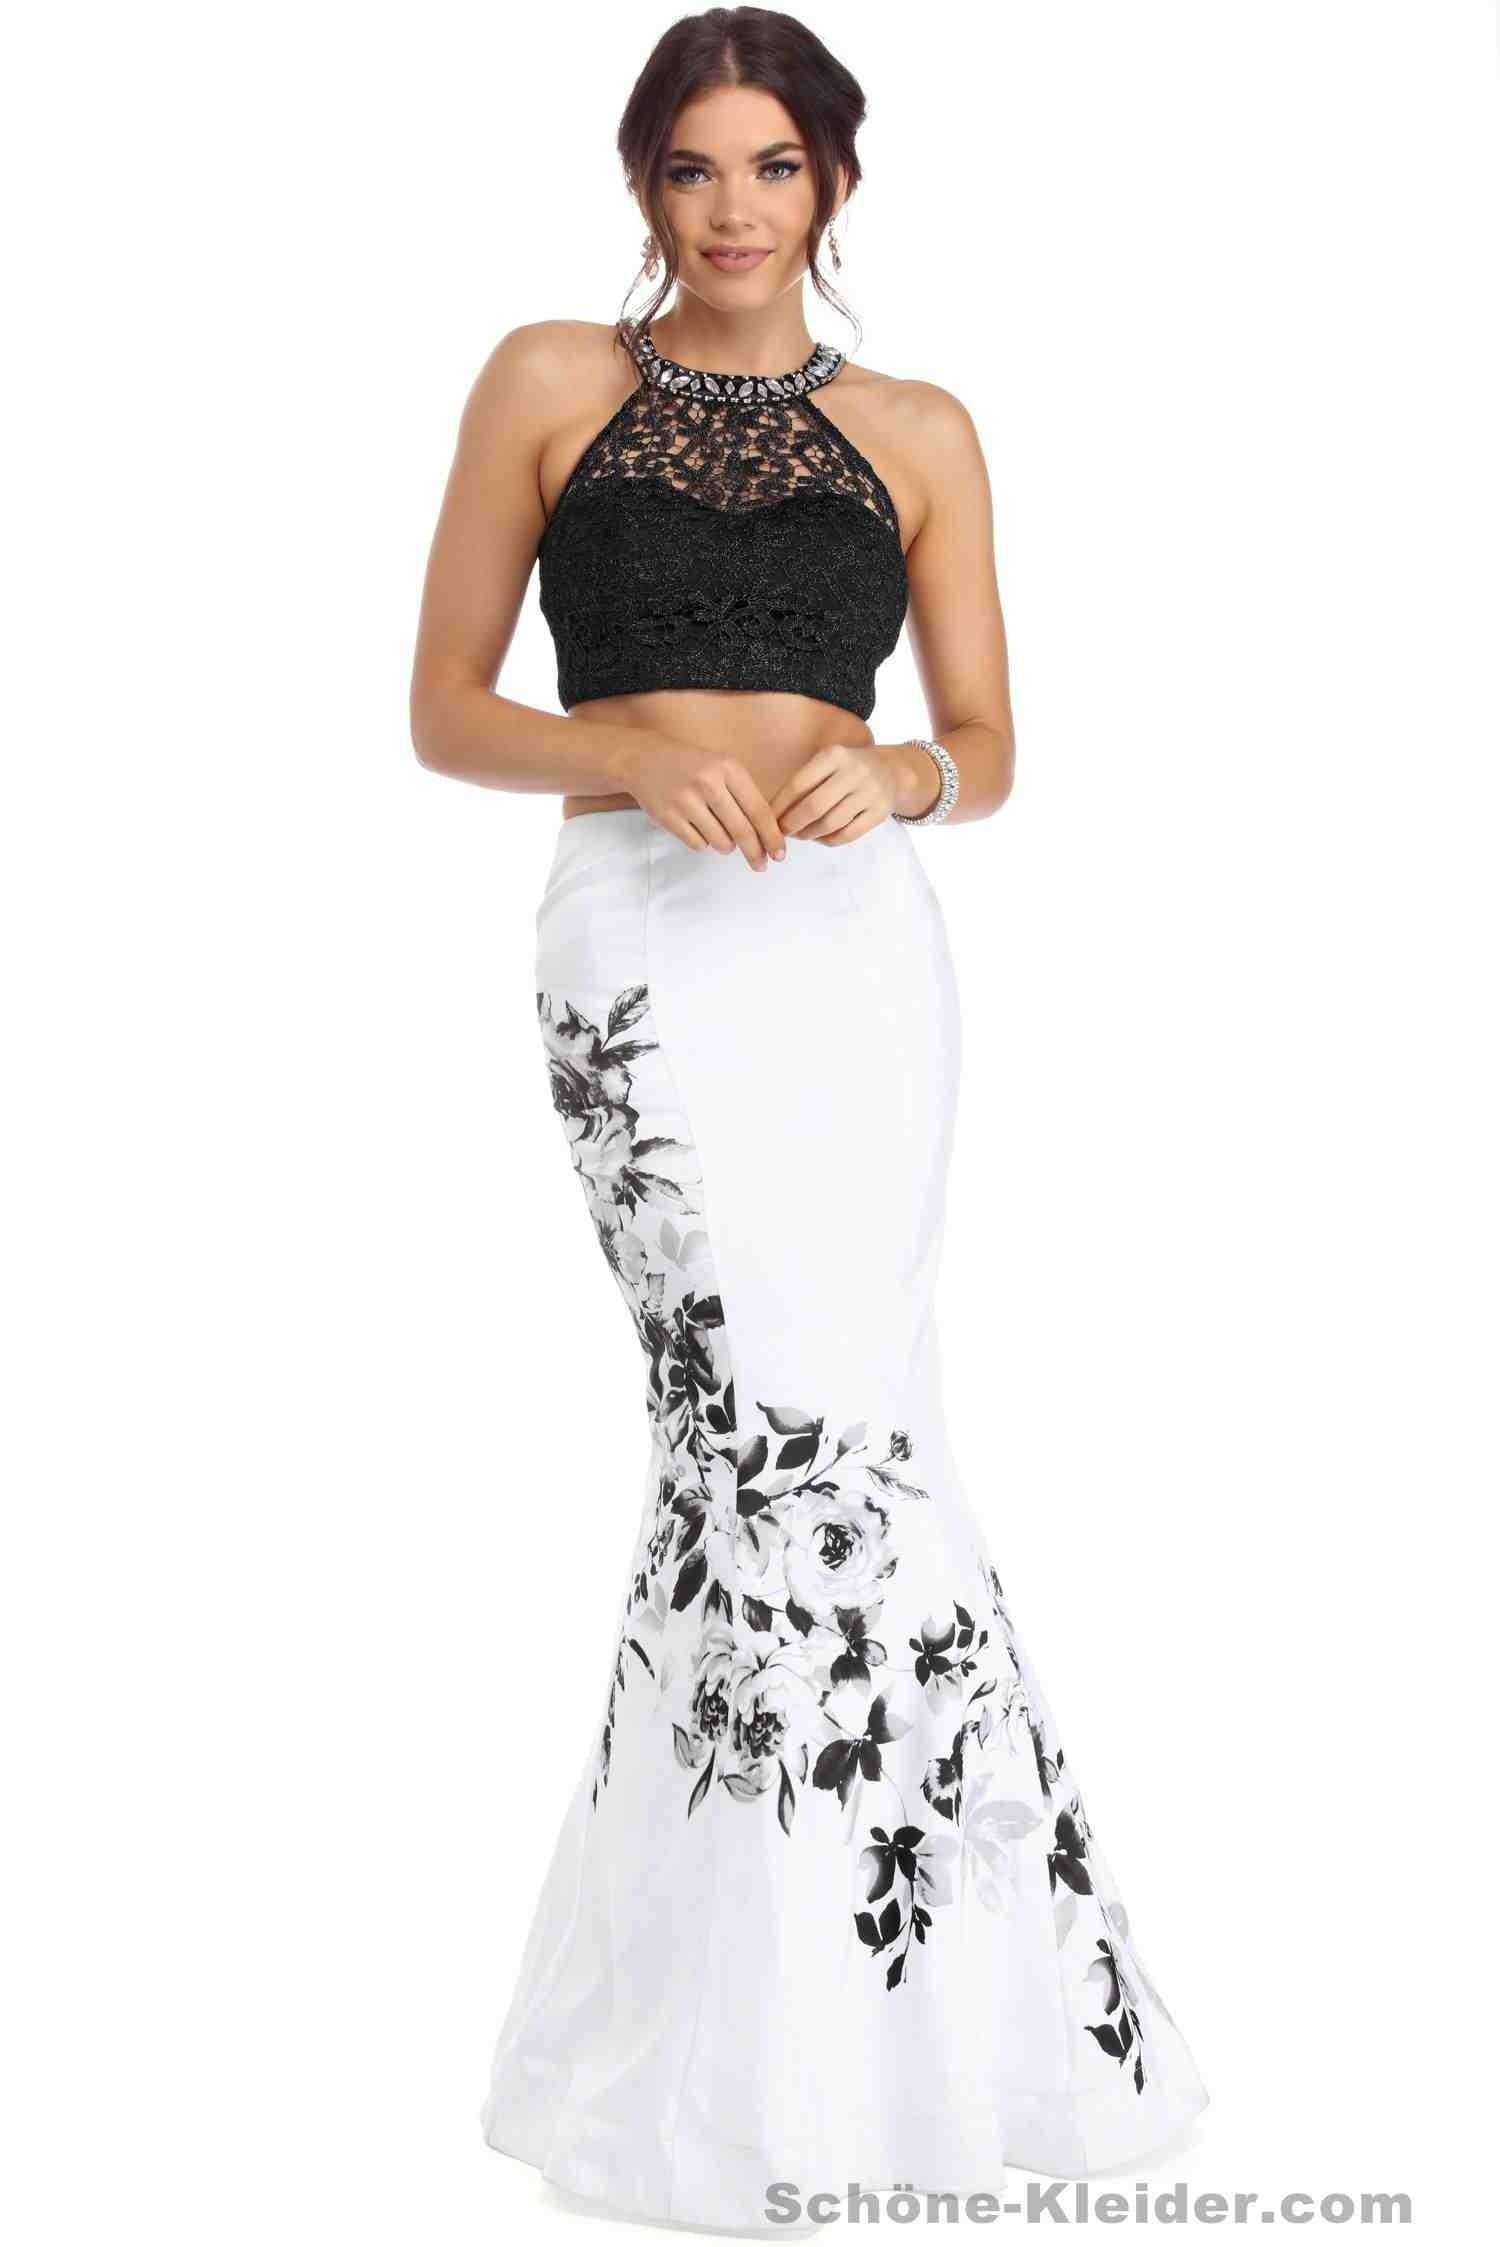 15 Einfach Abendkleid Schwarz Weiß Spezialgebiet Perfekt Abendkleid Schwarz Weiß für 2019